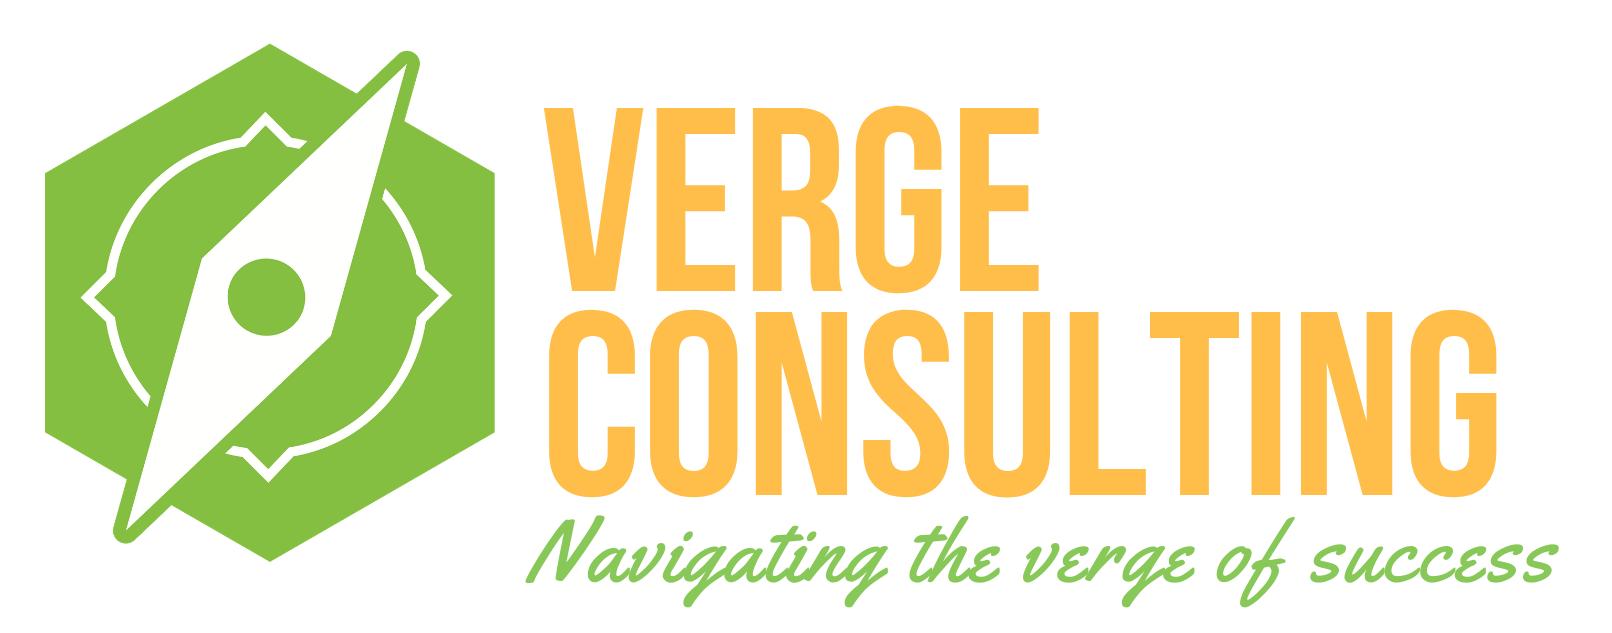 Verge Banner